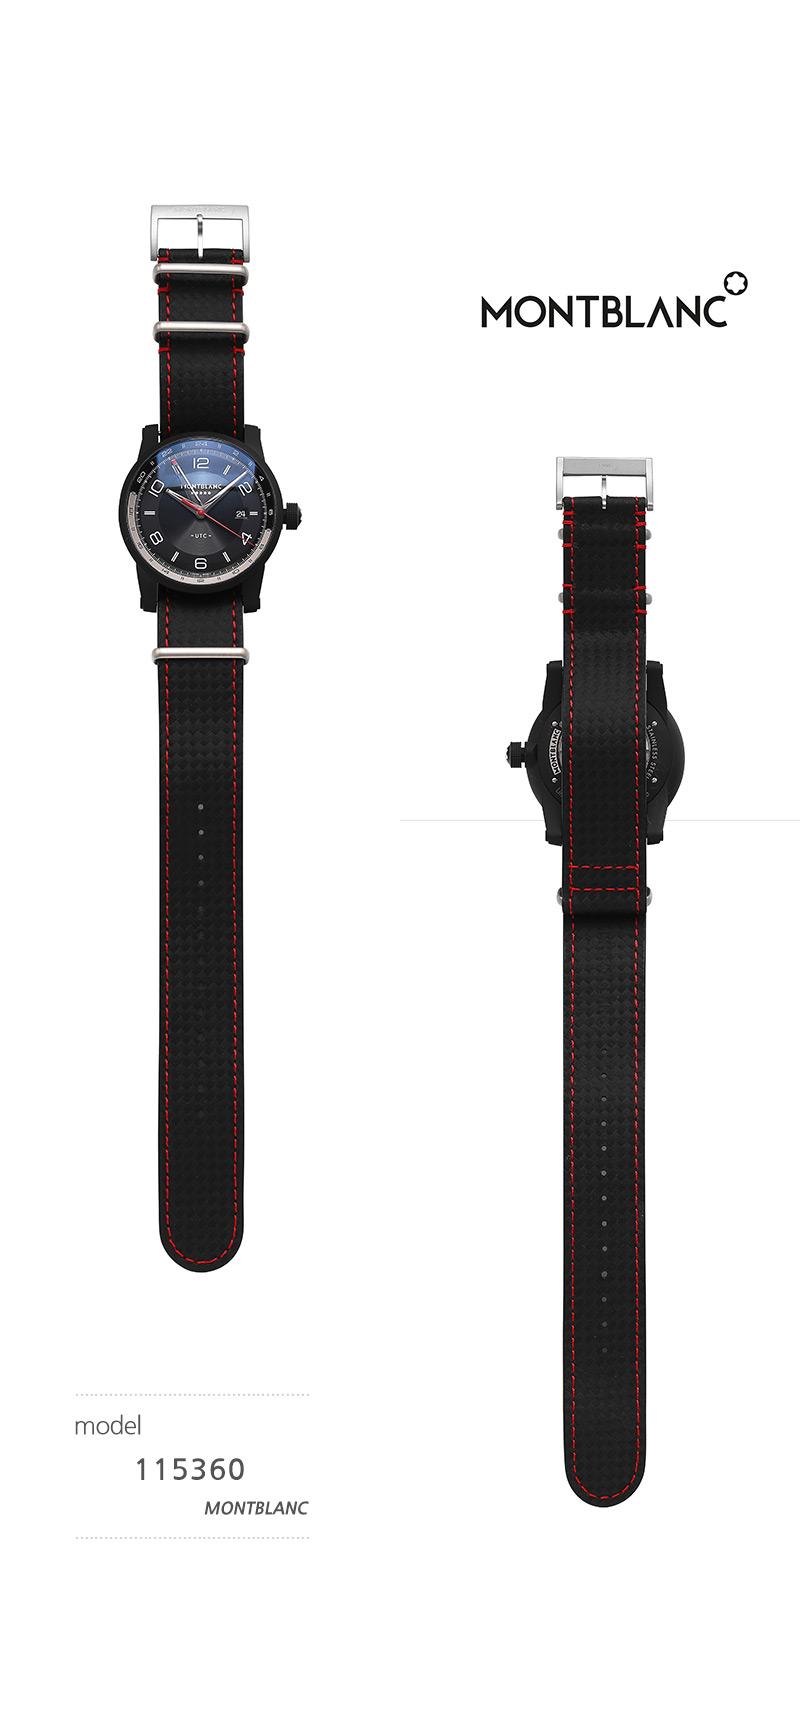 몽블랑(MONTBLANC) 115360 타임워커 오토매틱 42mm 남성 가죽시계